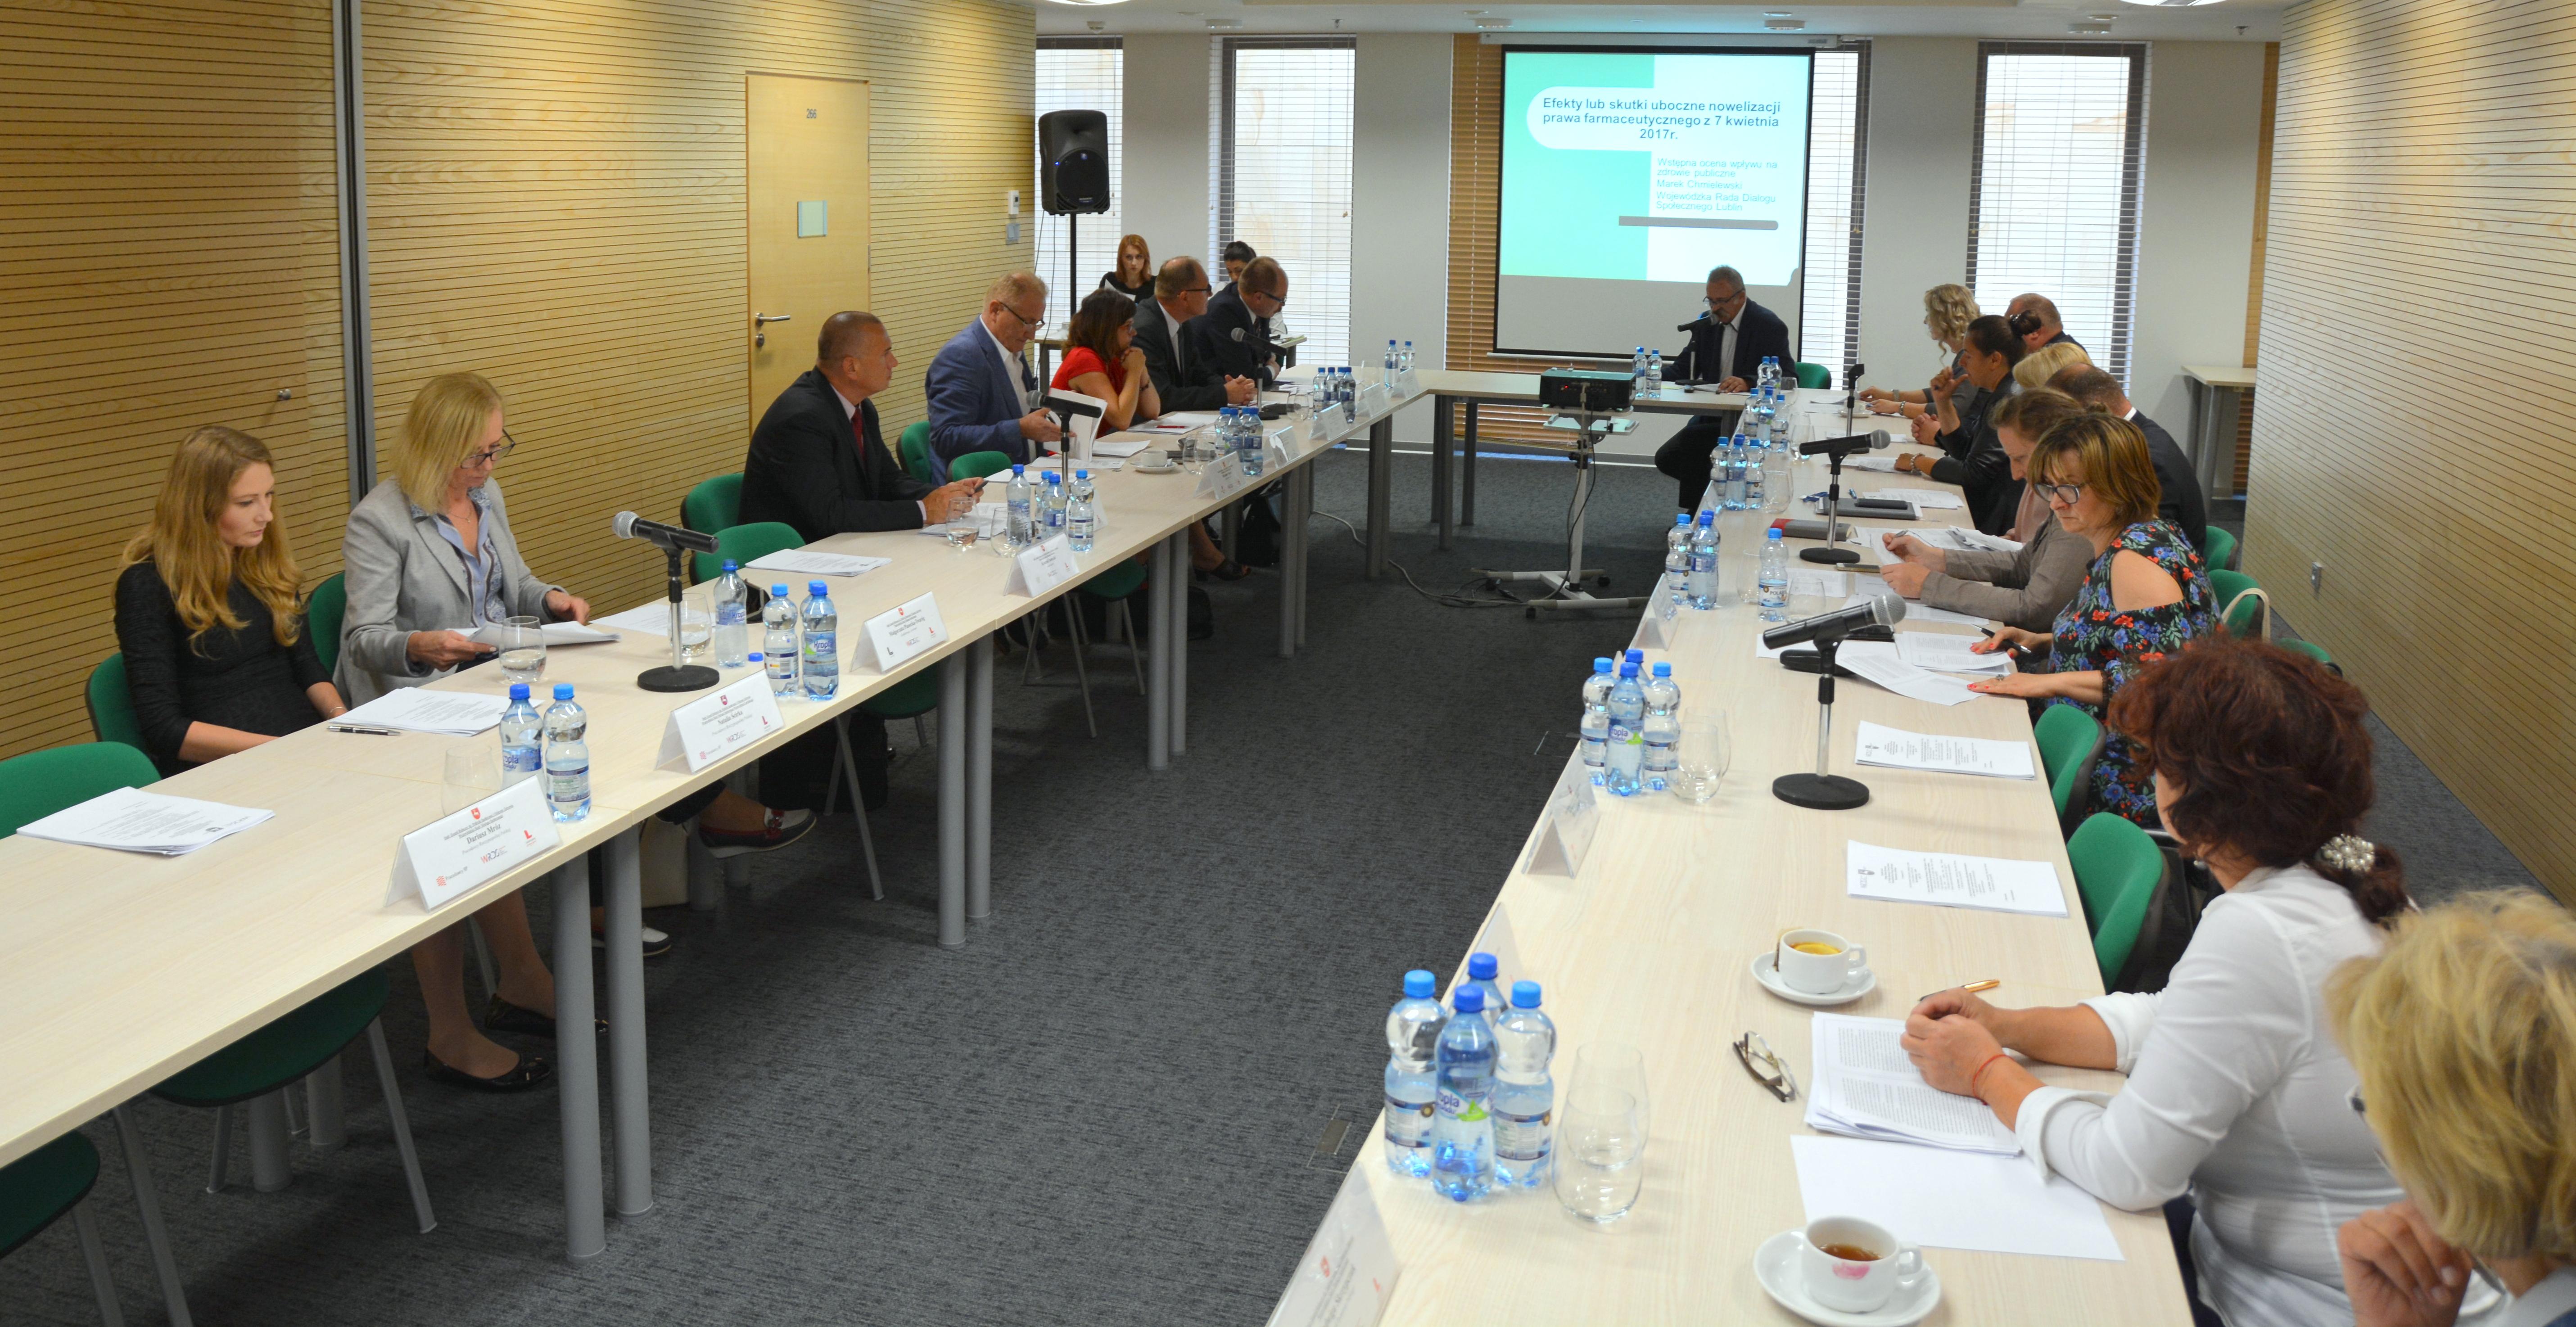 Posiedzenie Stałego Zespołu Roboczego ds. Polityki Społecznej i Ochrony Zdrowia Wojewódzkiej Rady Dialogu Społecznego Województwa Lubelskiego